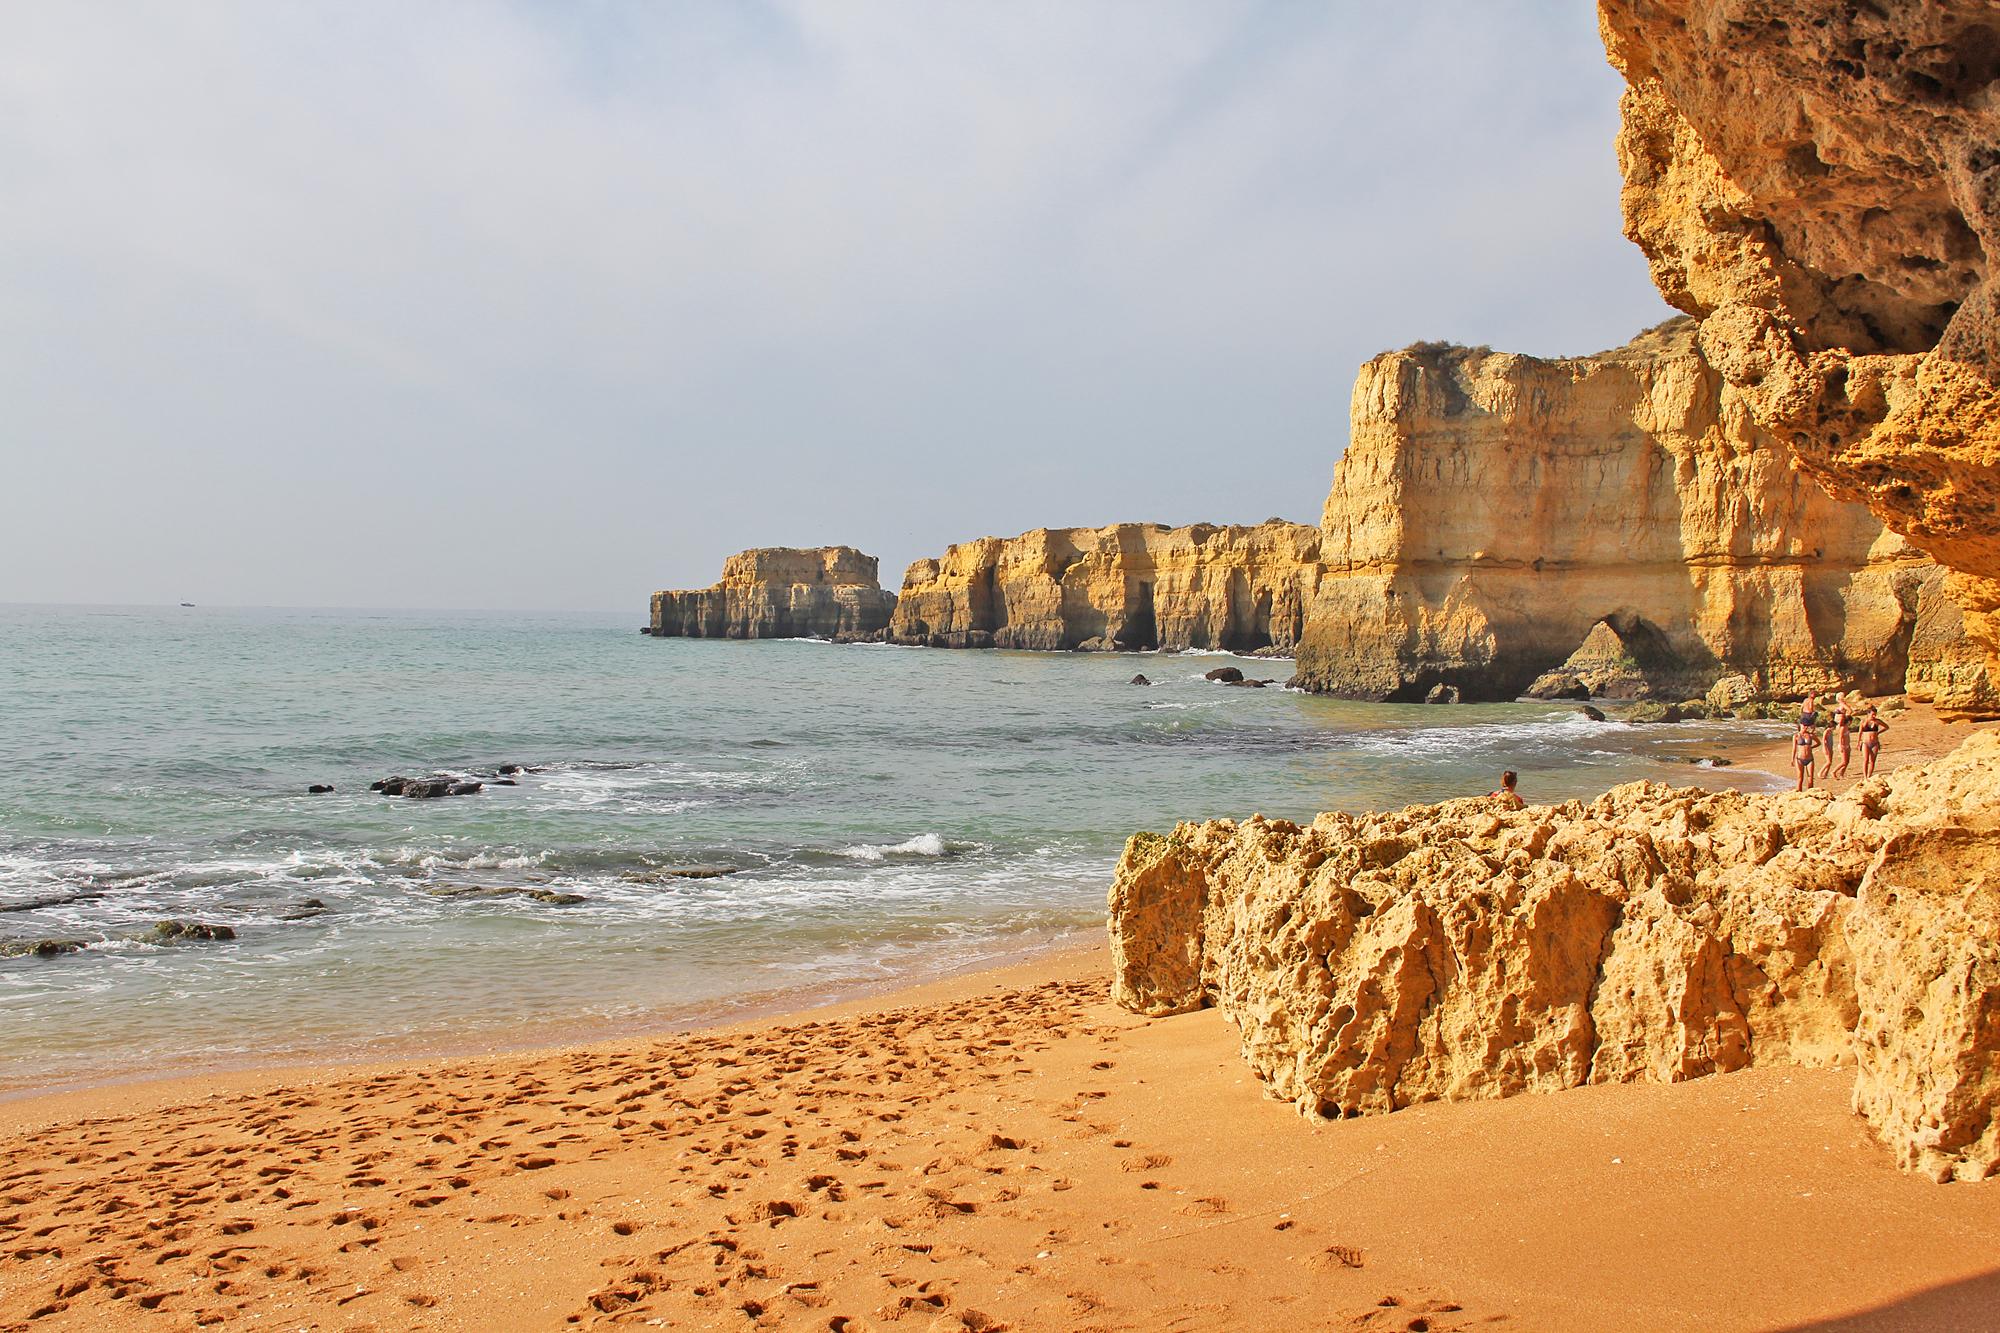 Praia da Coelha - Strand von Coelha 35